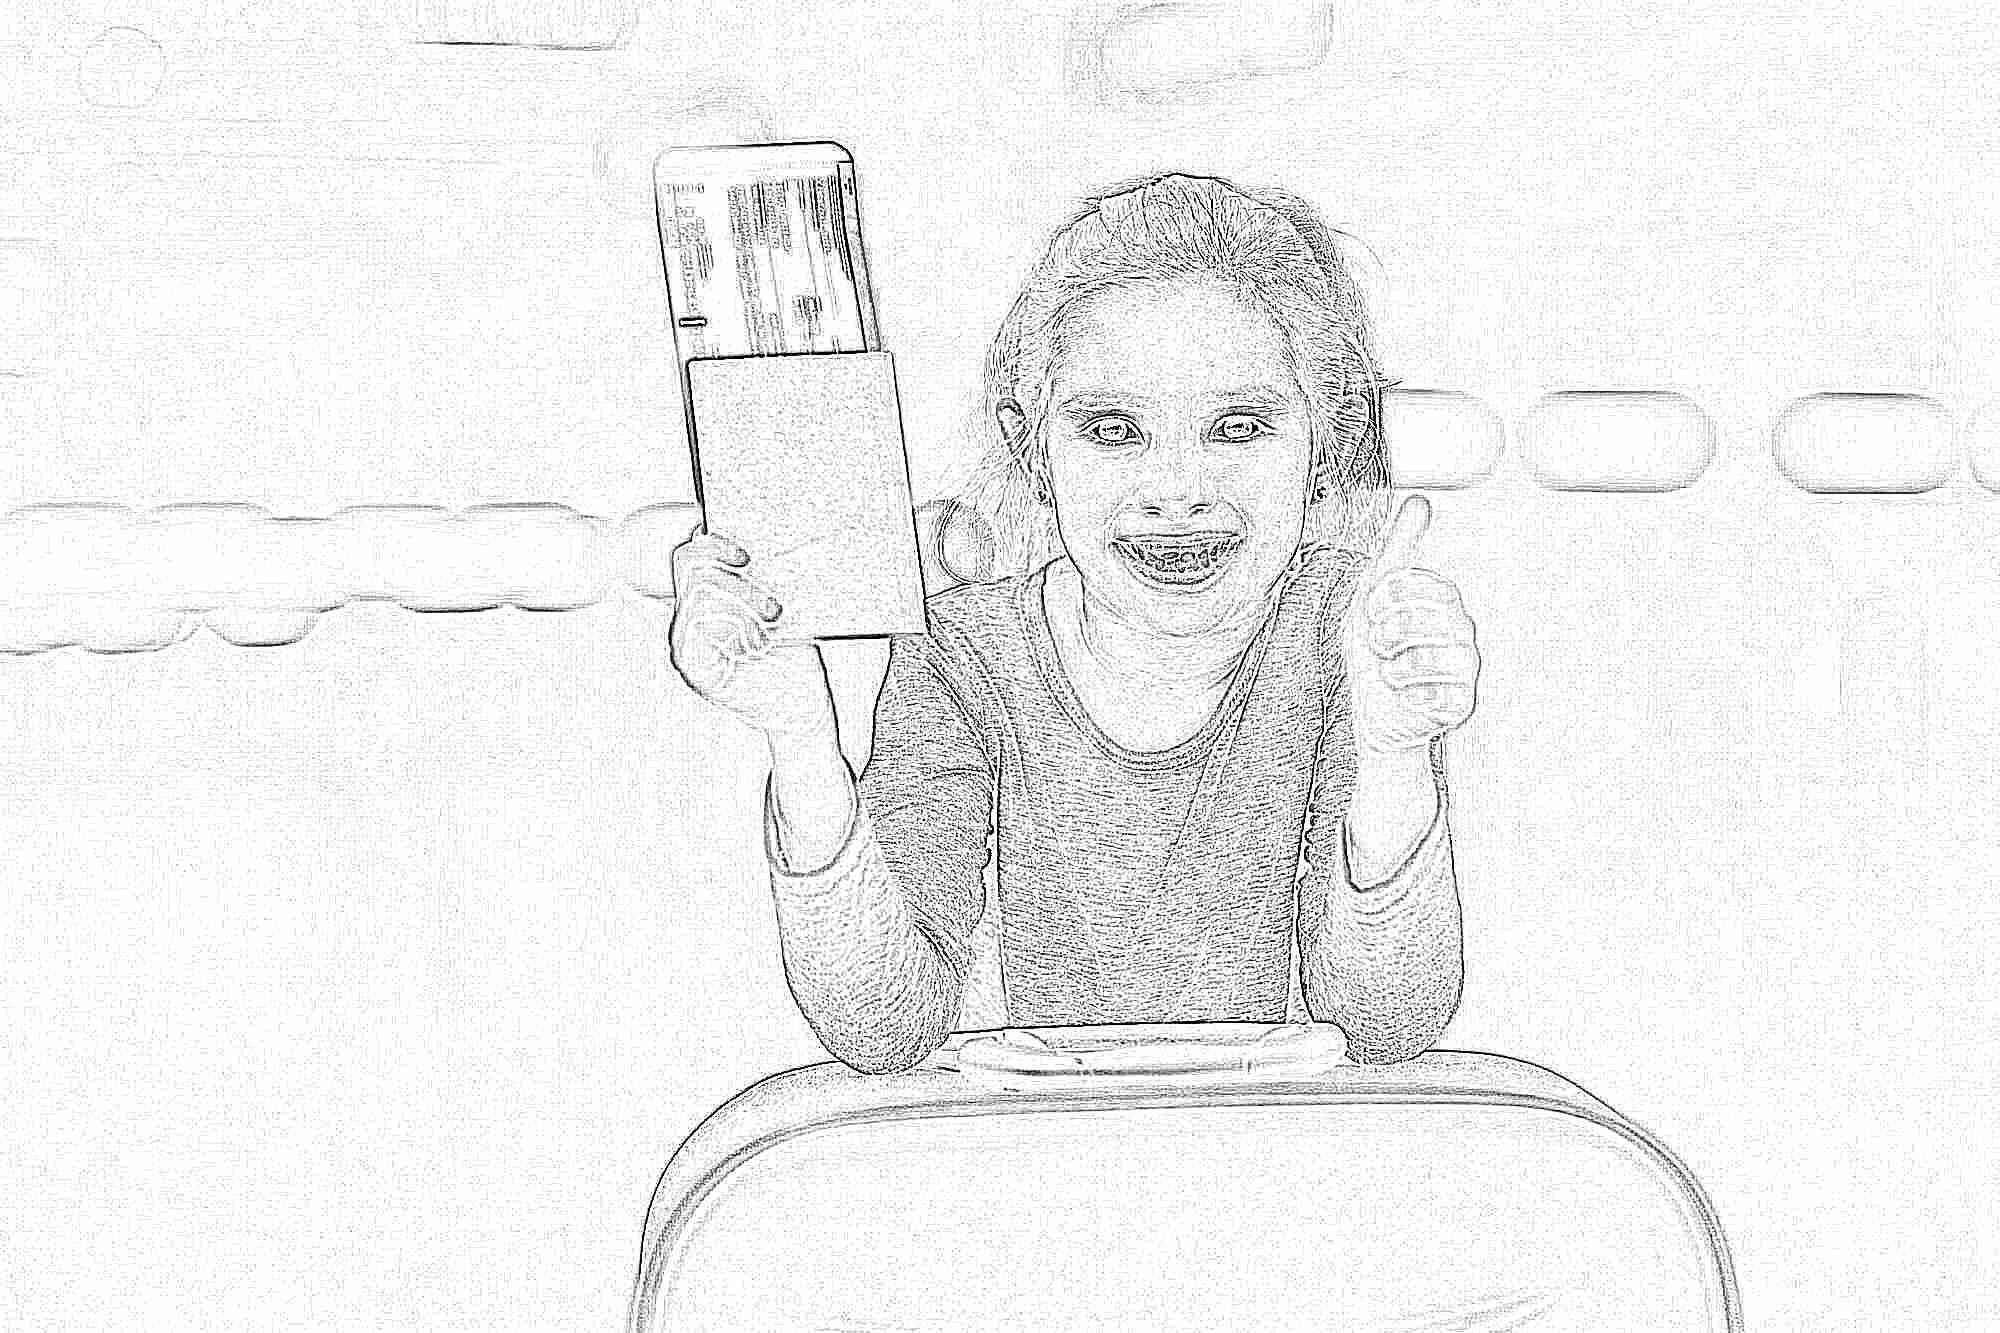 Бесплатный билет на самолет для ребенка сколько возвращают денег за возврат билета на самолет